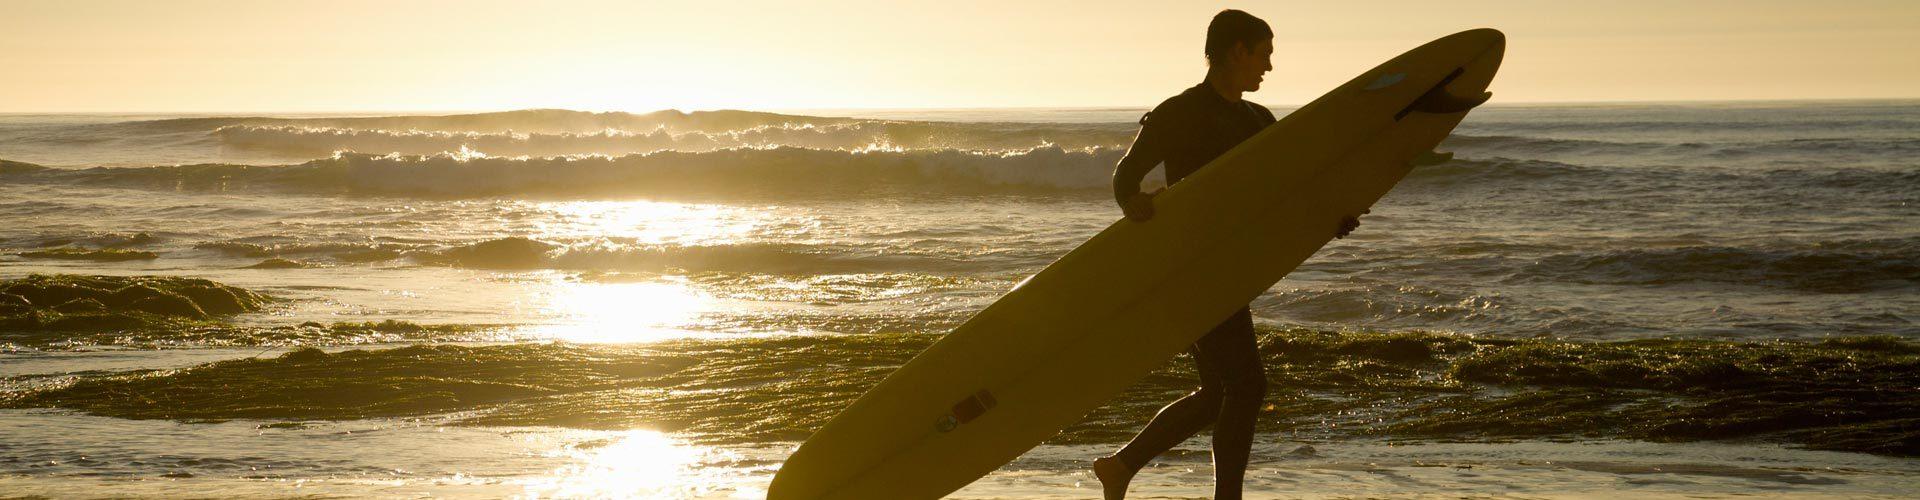 Surfer in San Diego, Kalifornien